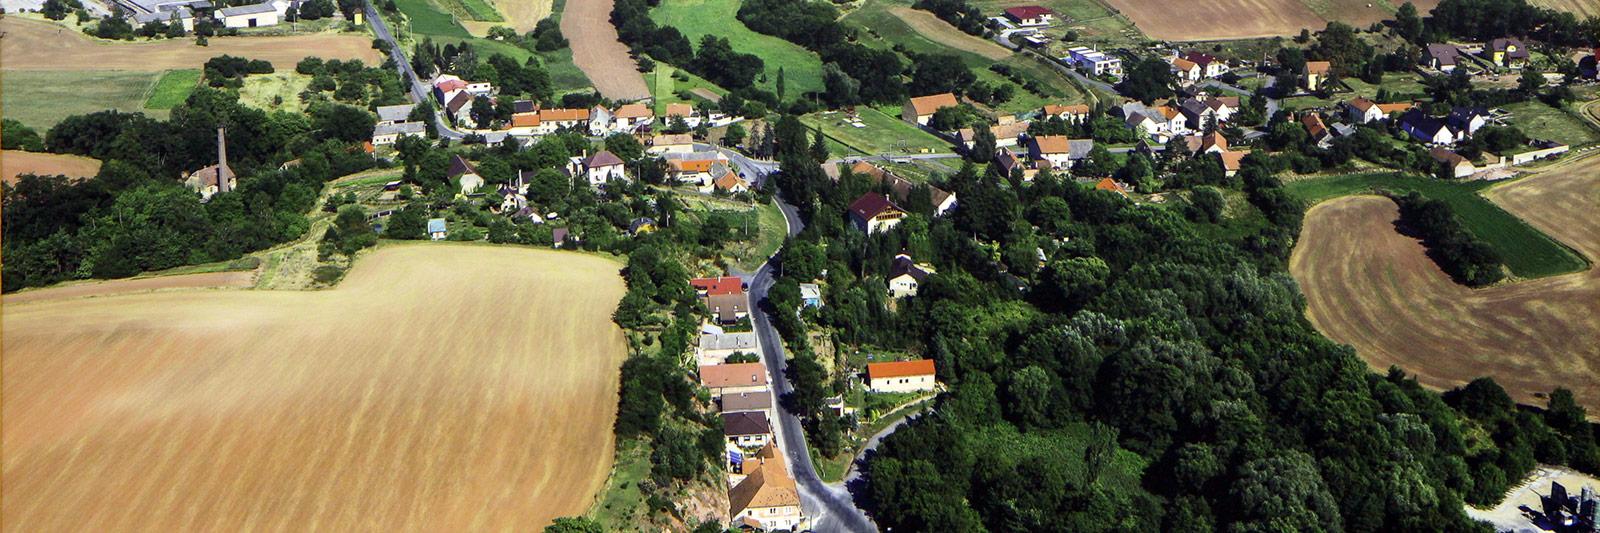 Usnesení zastupitelstva obce Kutrovice ze dne 8. 9. 2014